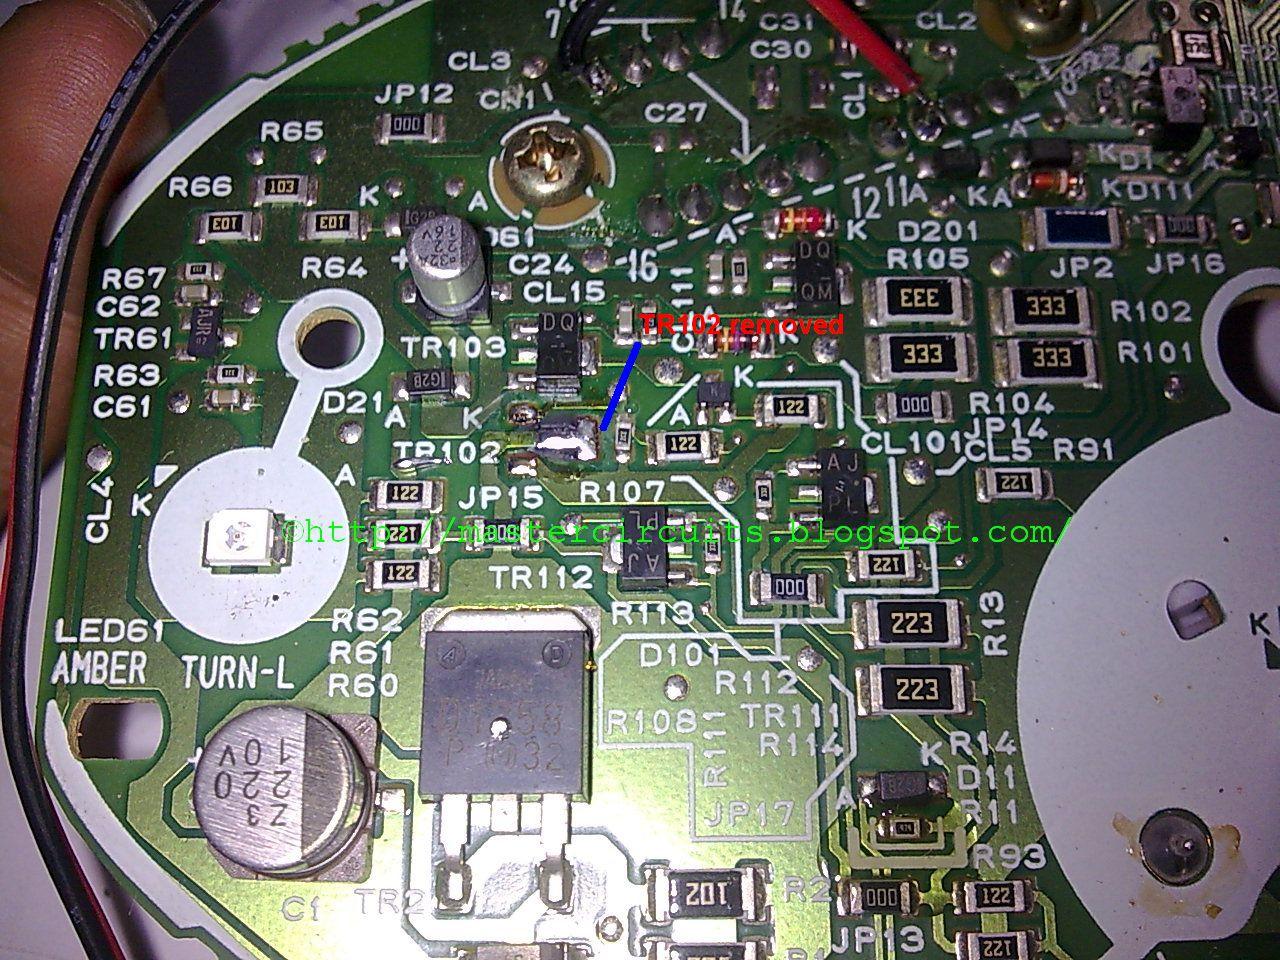 Wiring Diagram Honda Wave 125 : Wave 125 s panel repair techy at day blogger at noon and a